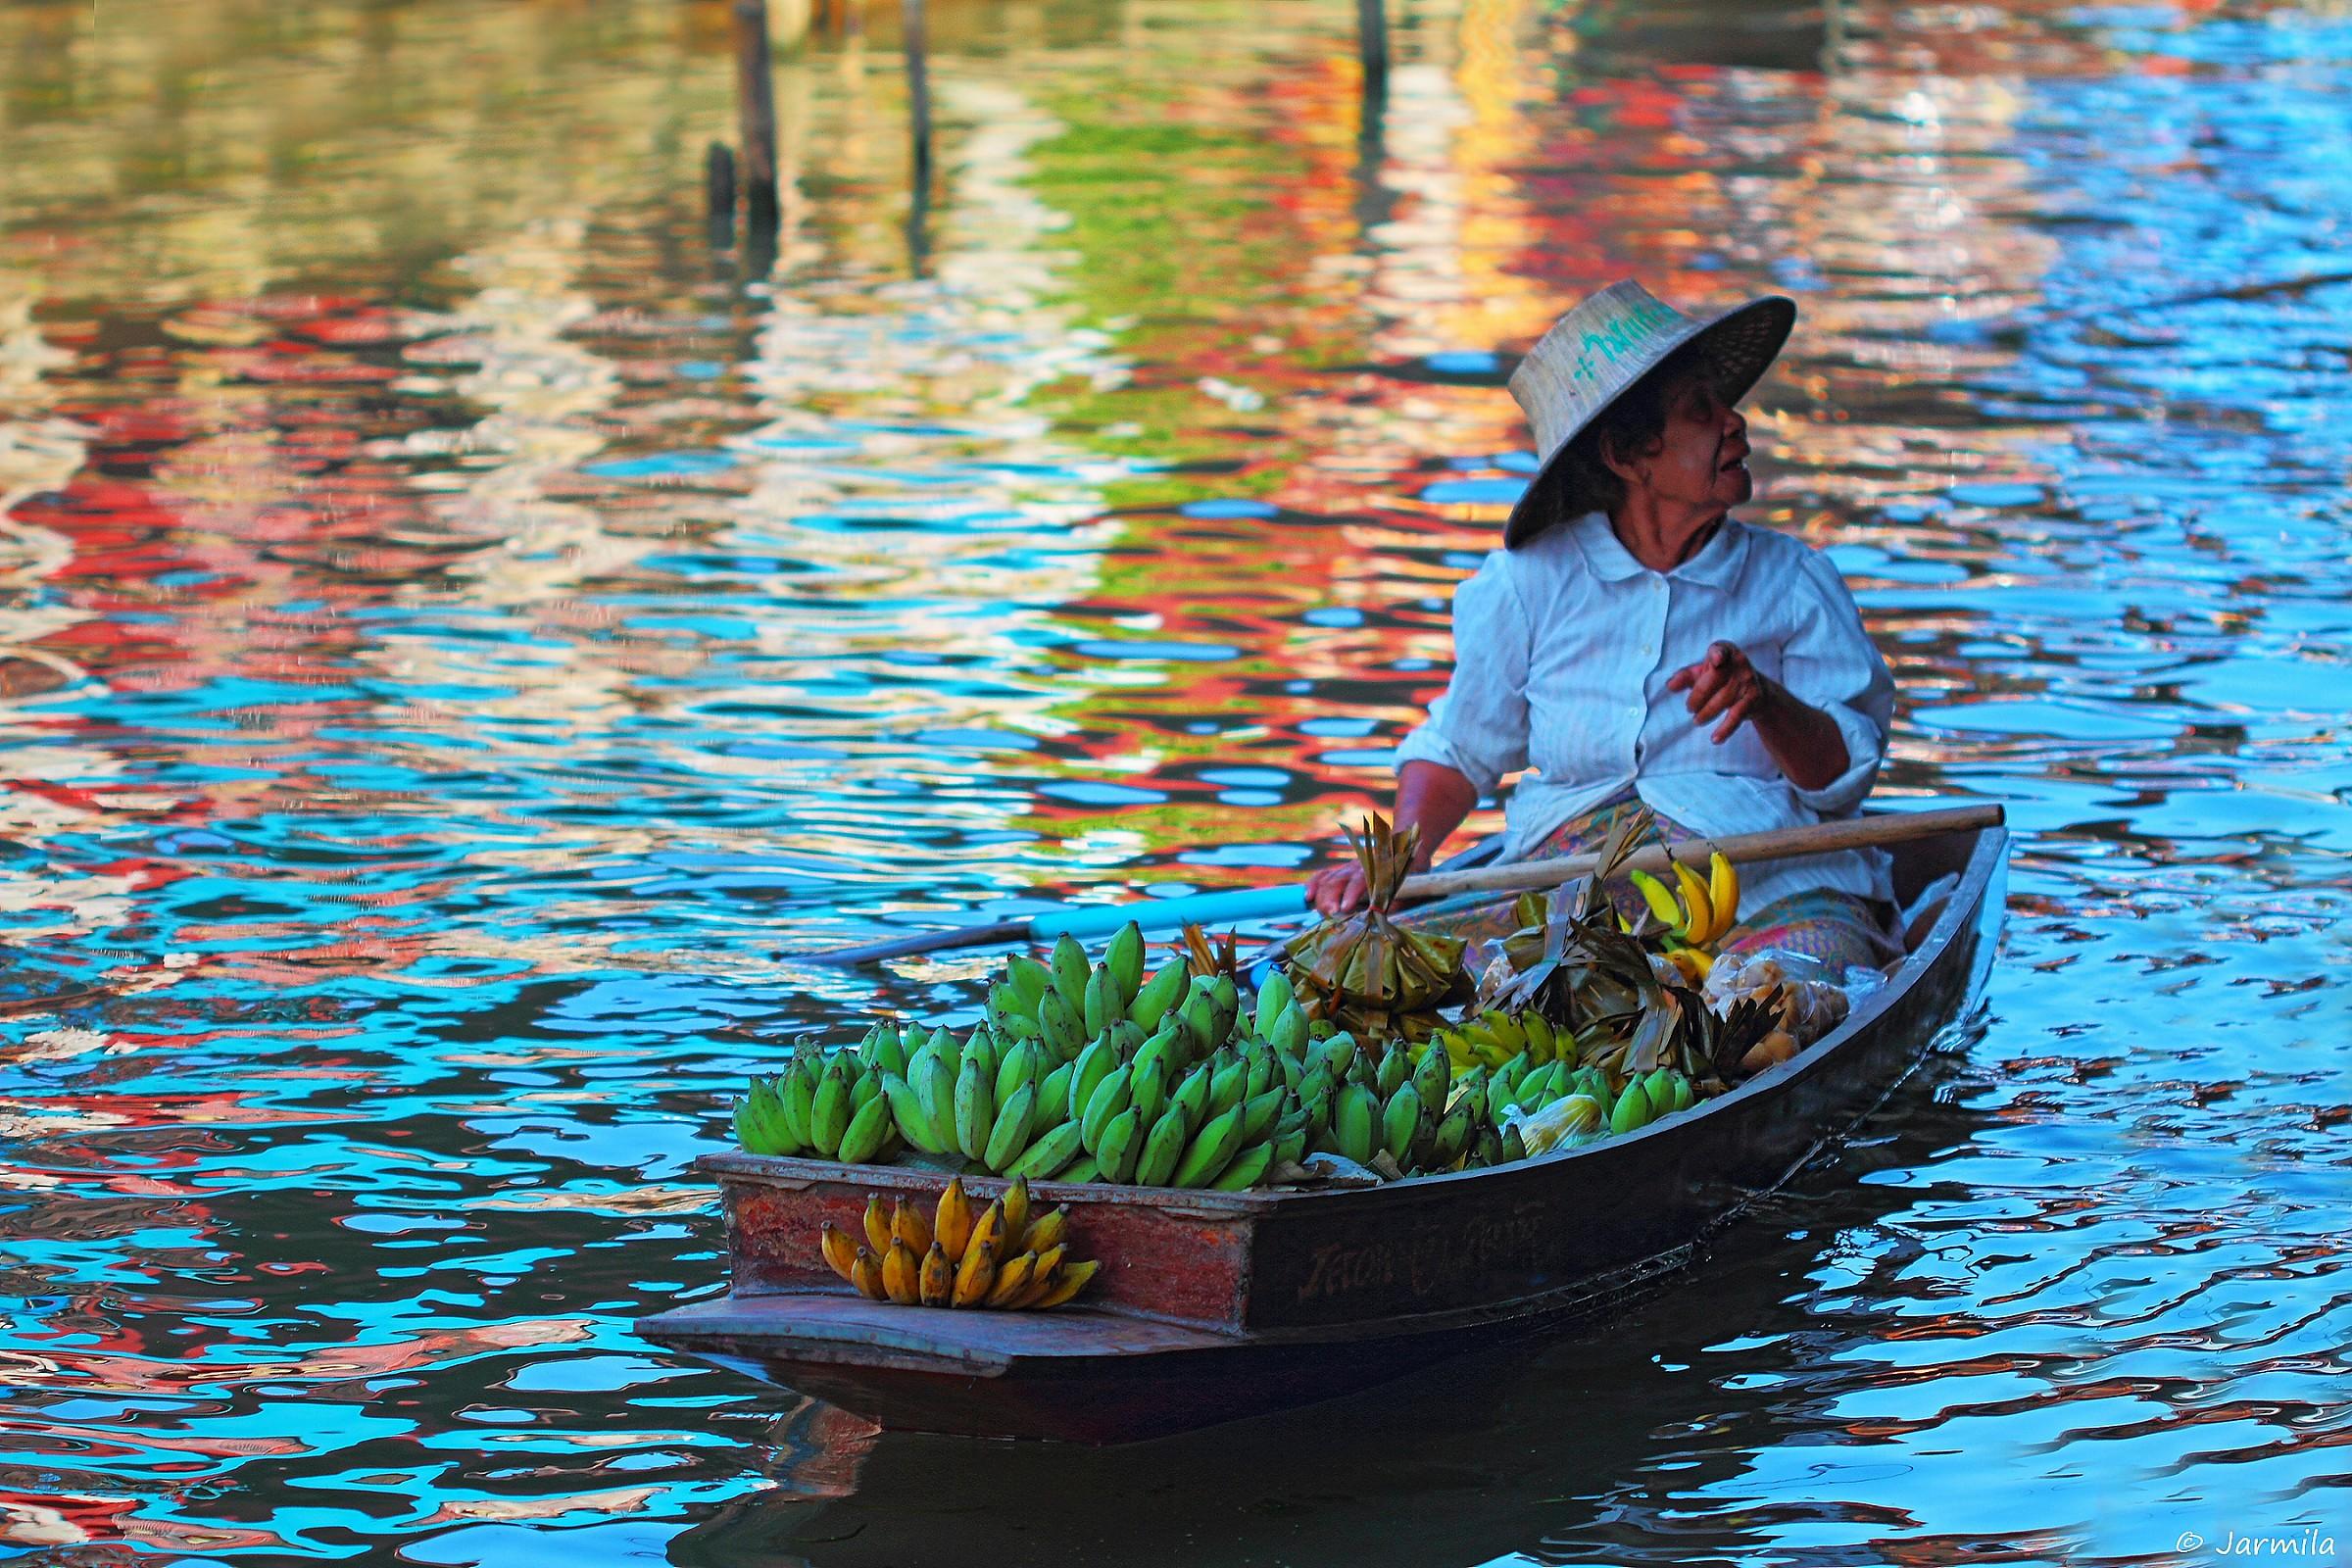 La signora thailandese del mercato galleggiante...